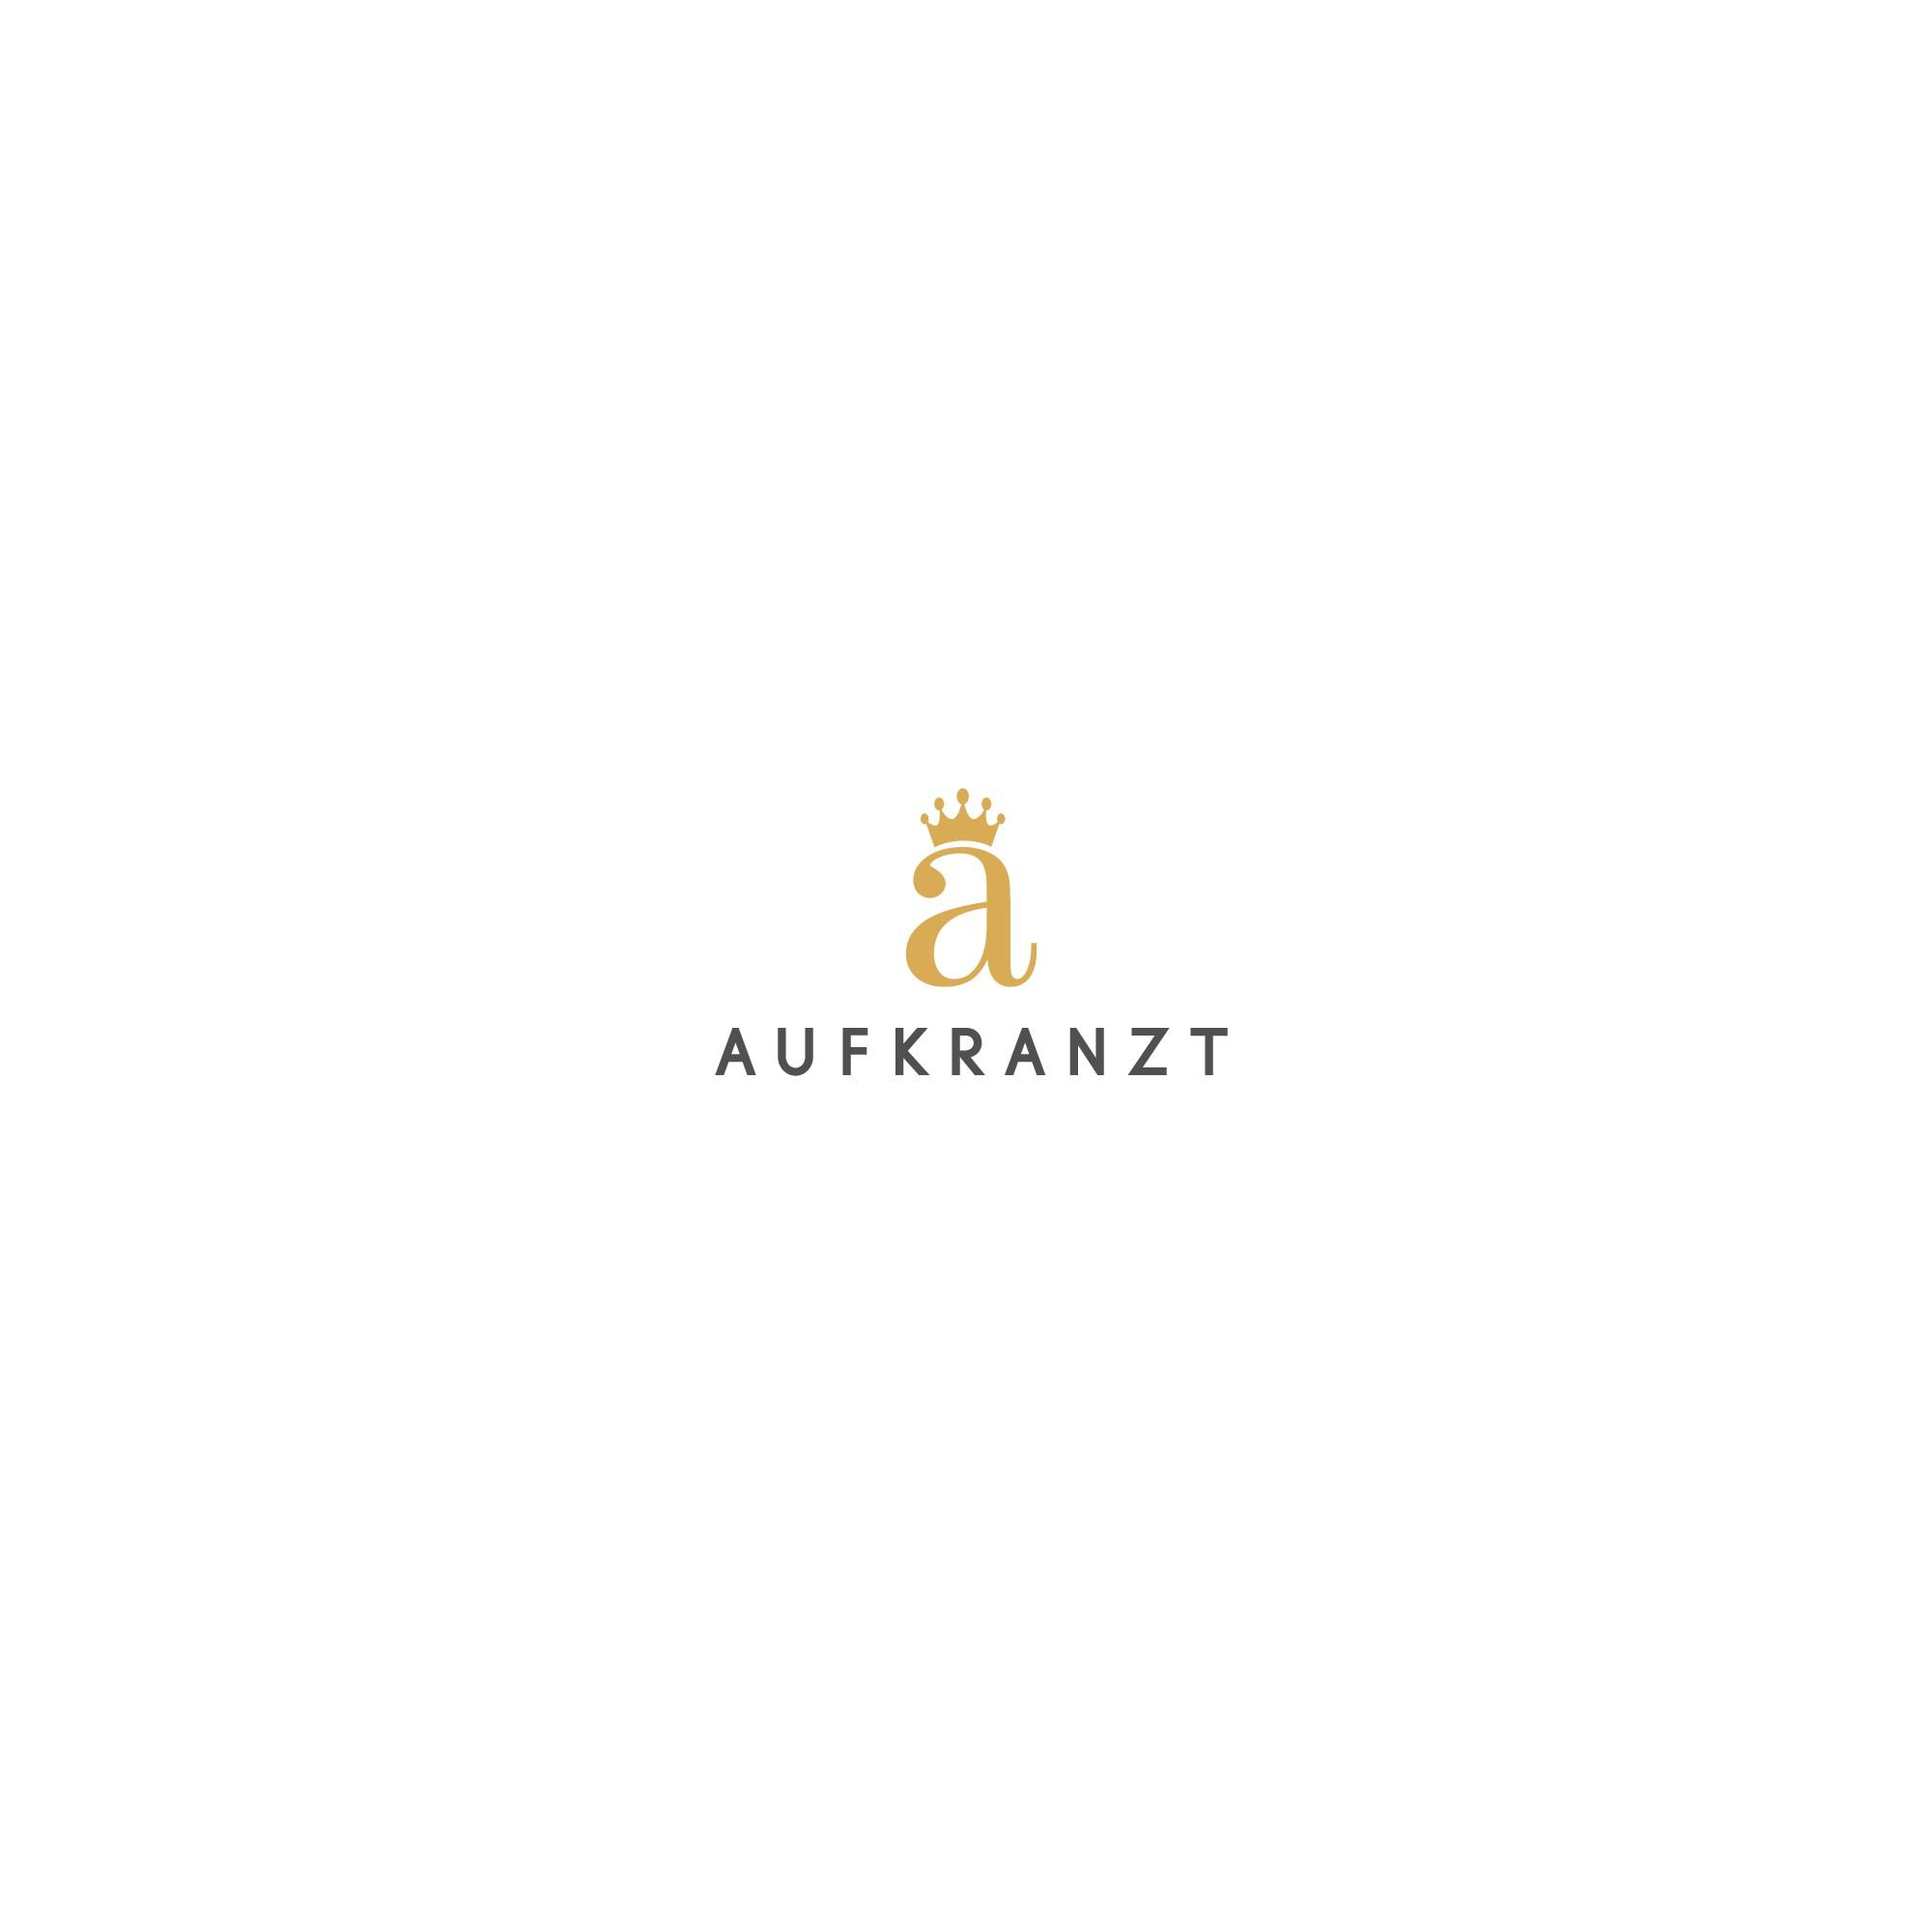 Neues Logo für Schmuckmarke